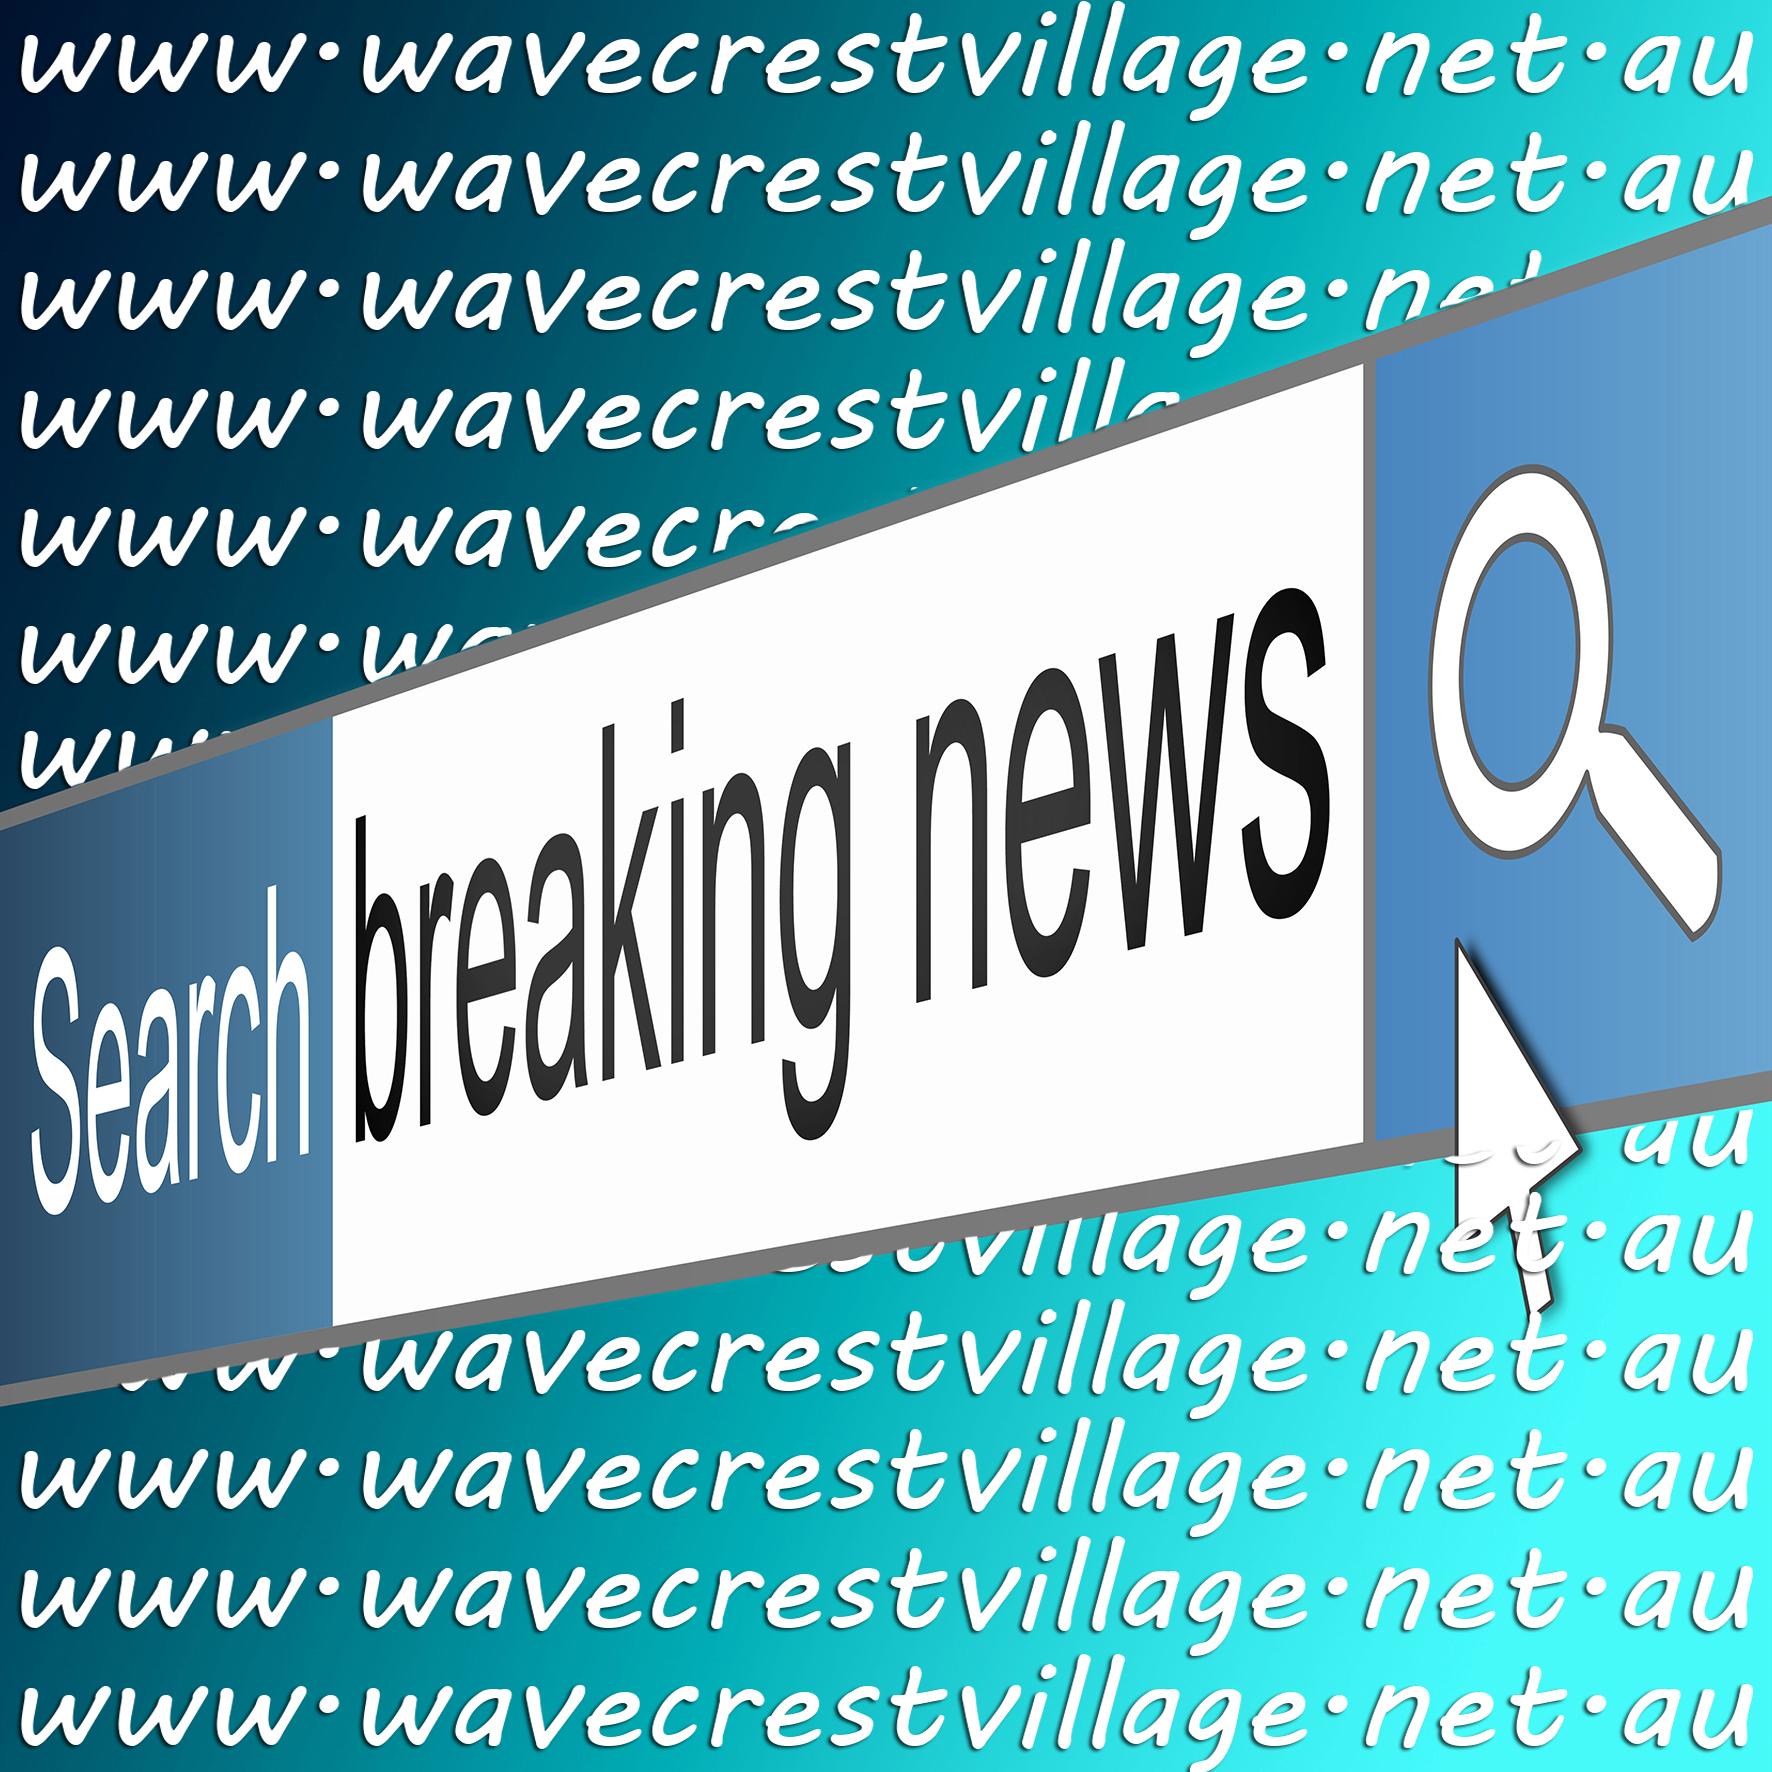 Breaking News -  www.wavecrestvillage.net.au